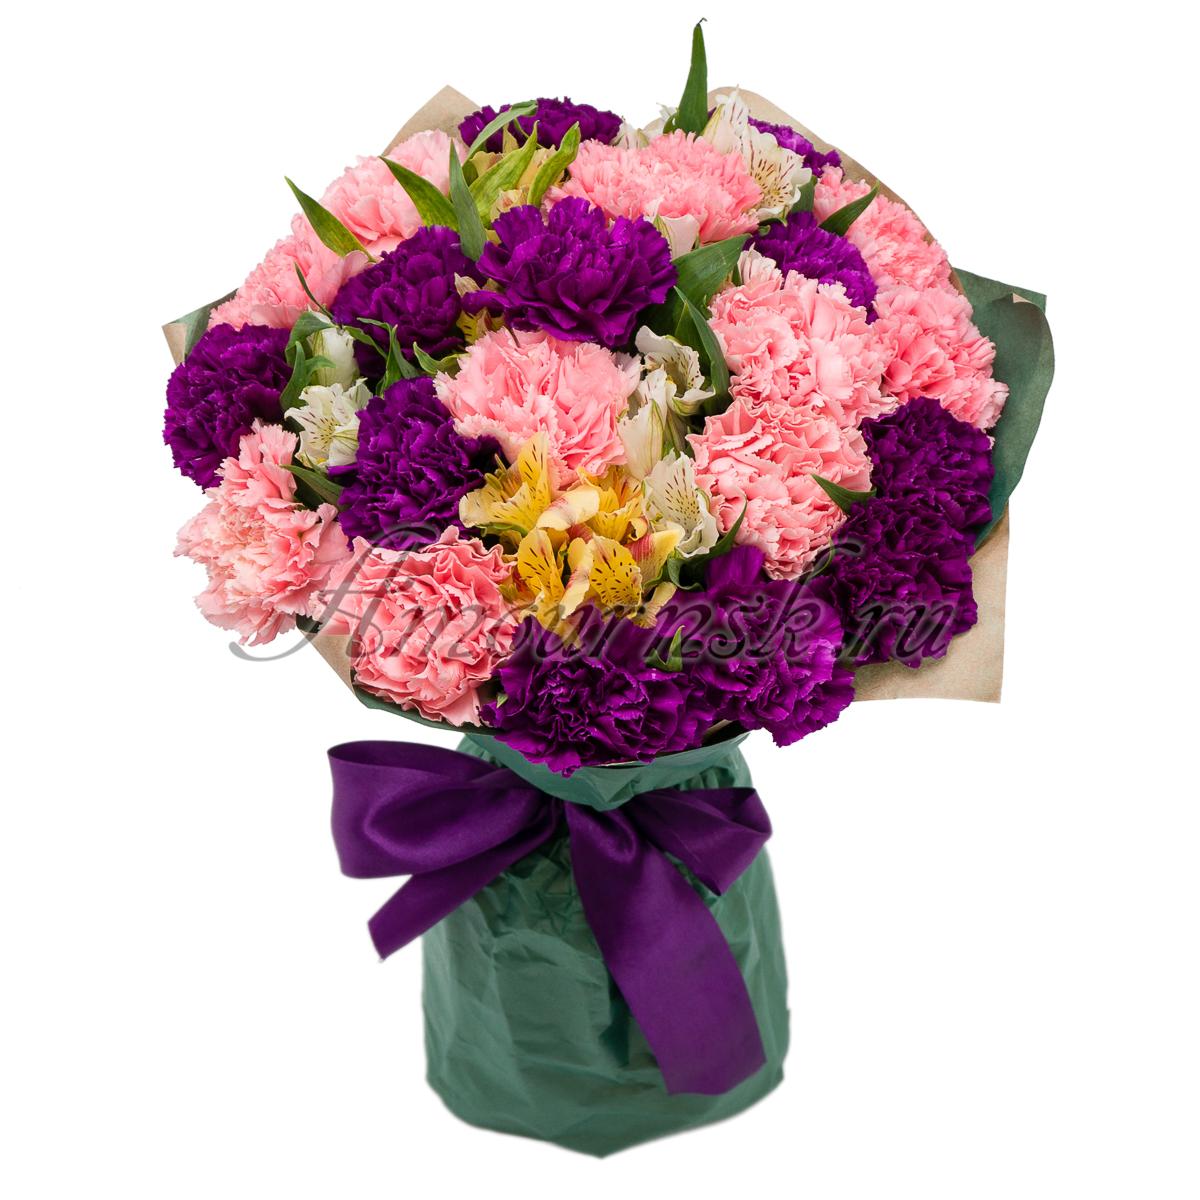 Цветы февраля, цветочный магазин доставка цветов на дом новосибирск